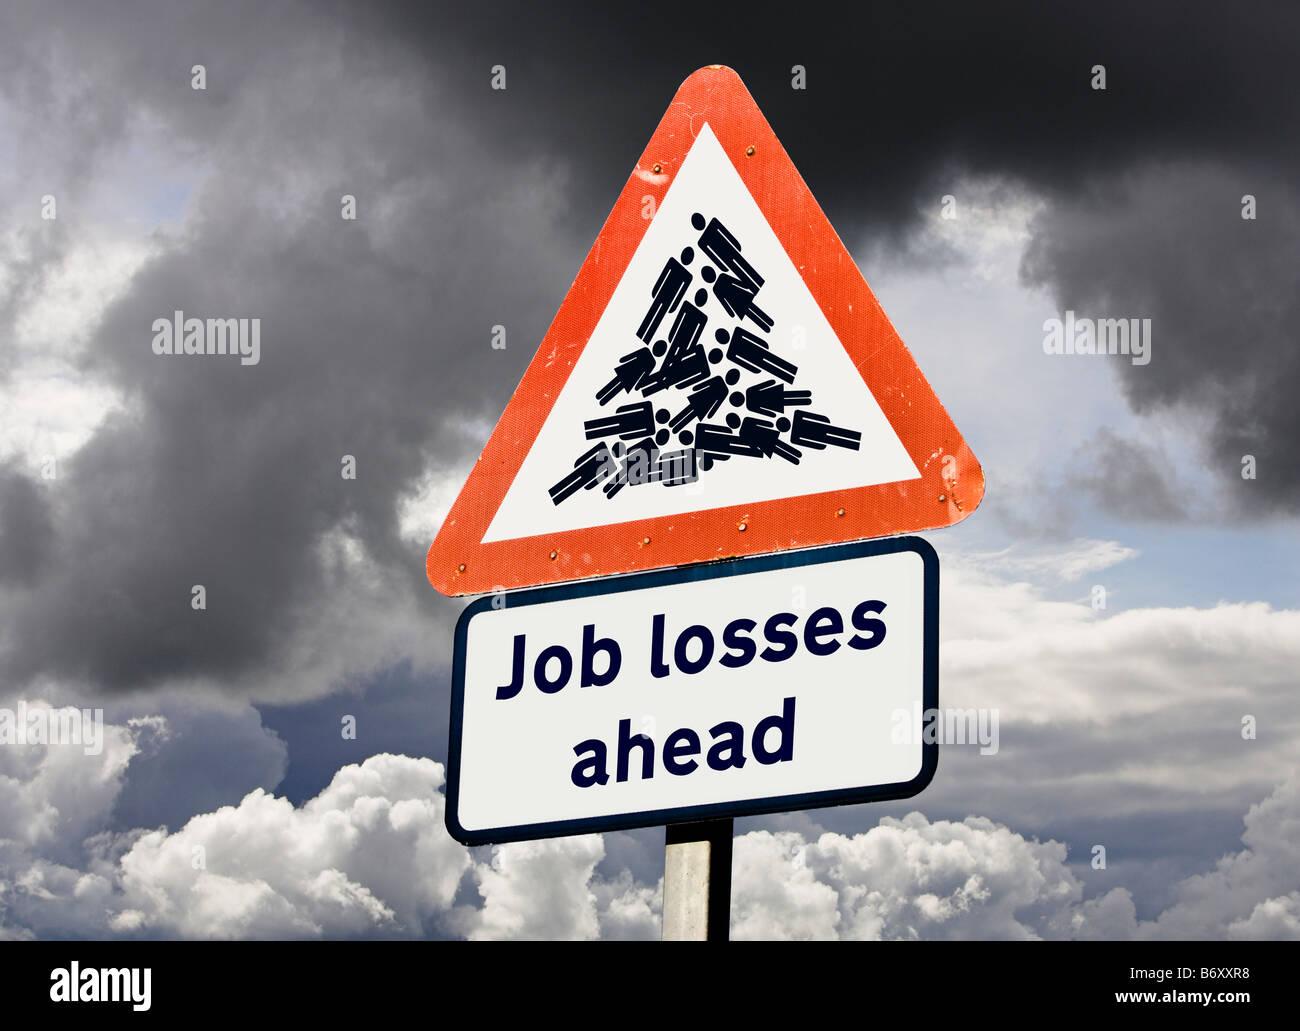 Le chômage des suppressions d'avertissement de l'économie concept UK - Les pertes d'emploi Photo Stock